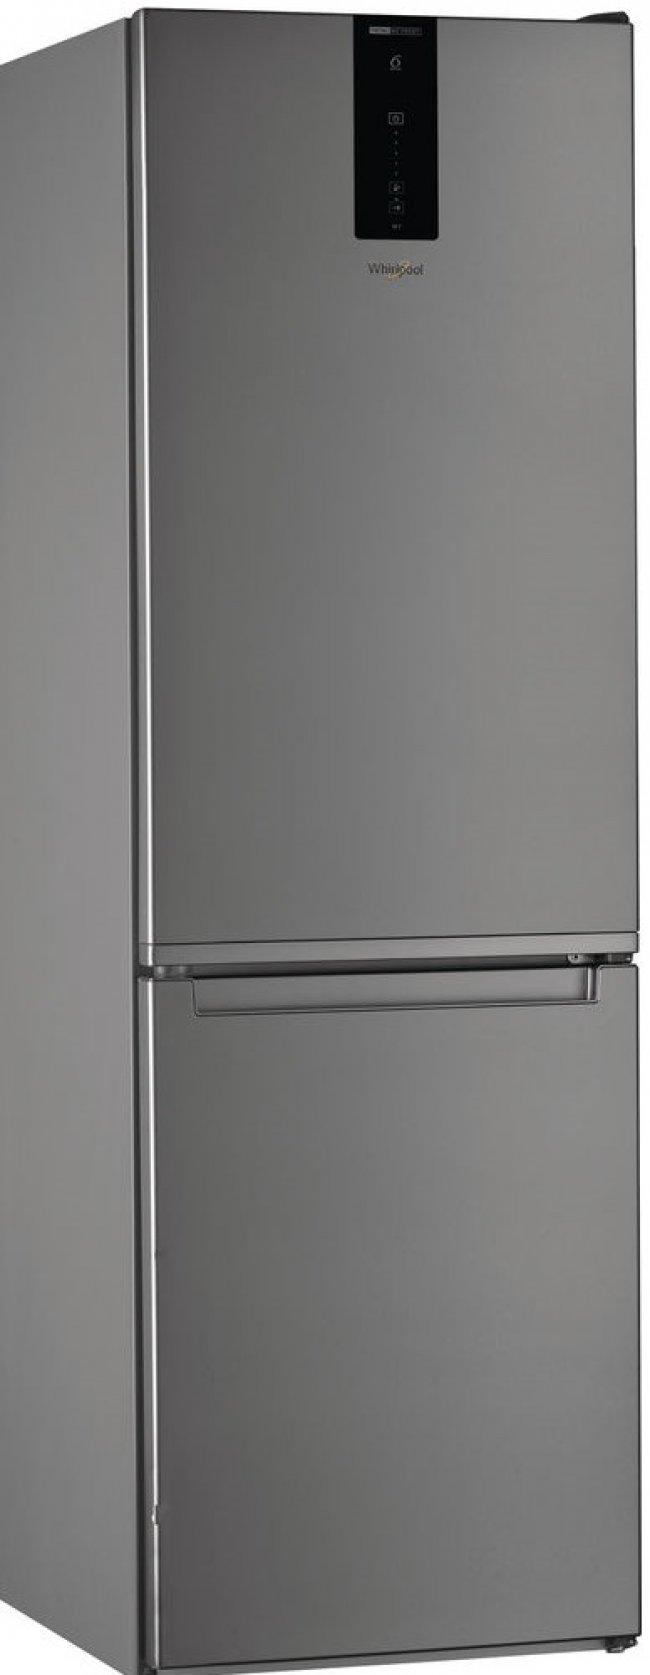 Хладилник Whirlpool W7 811O OX